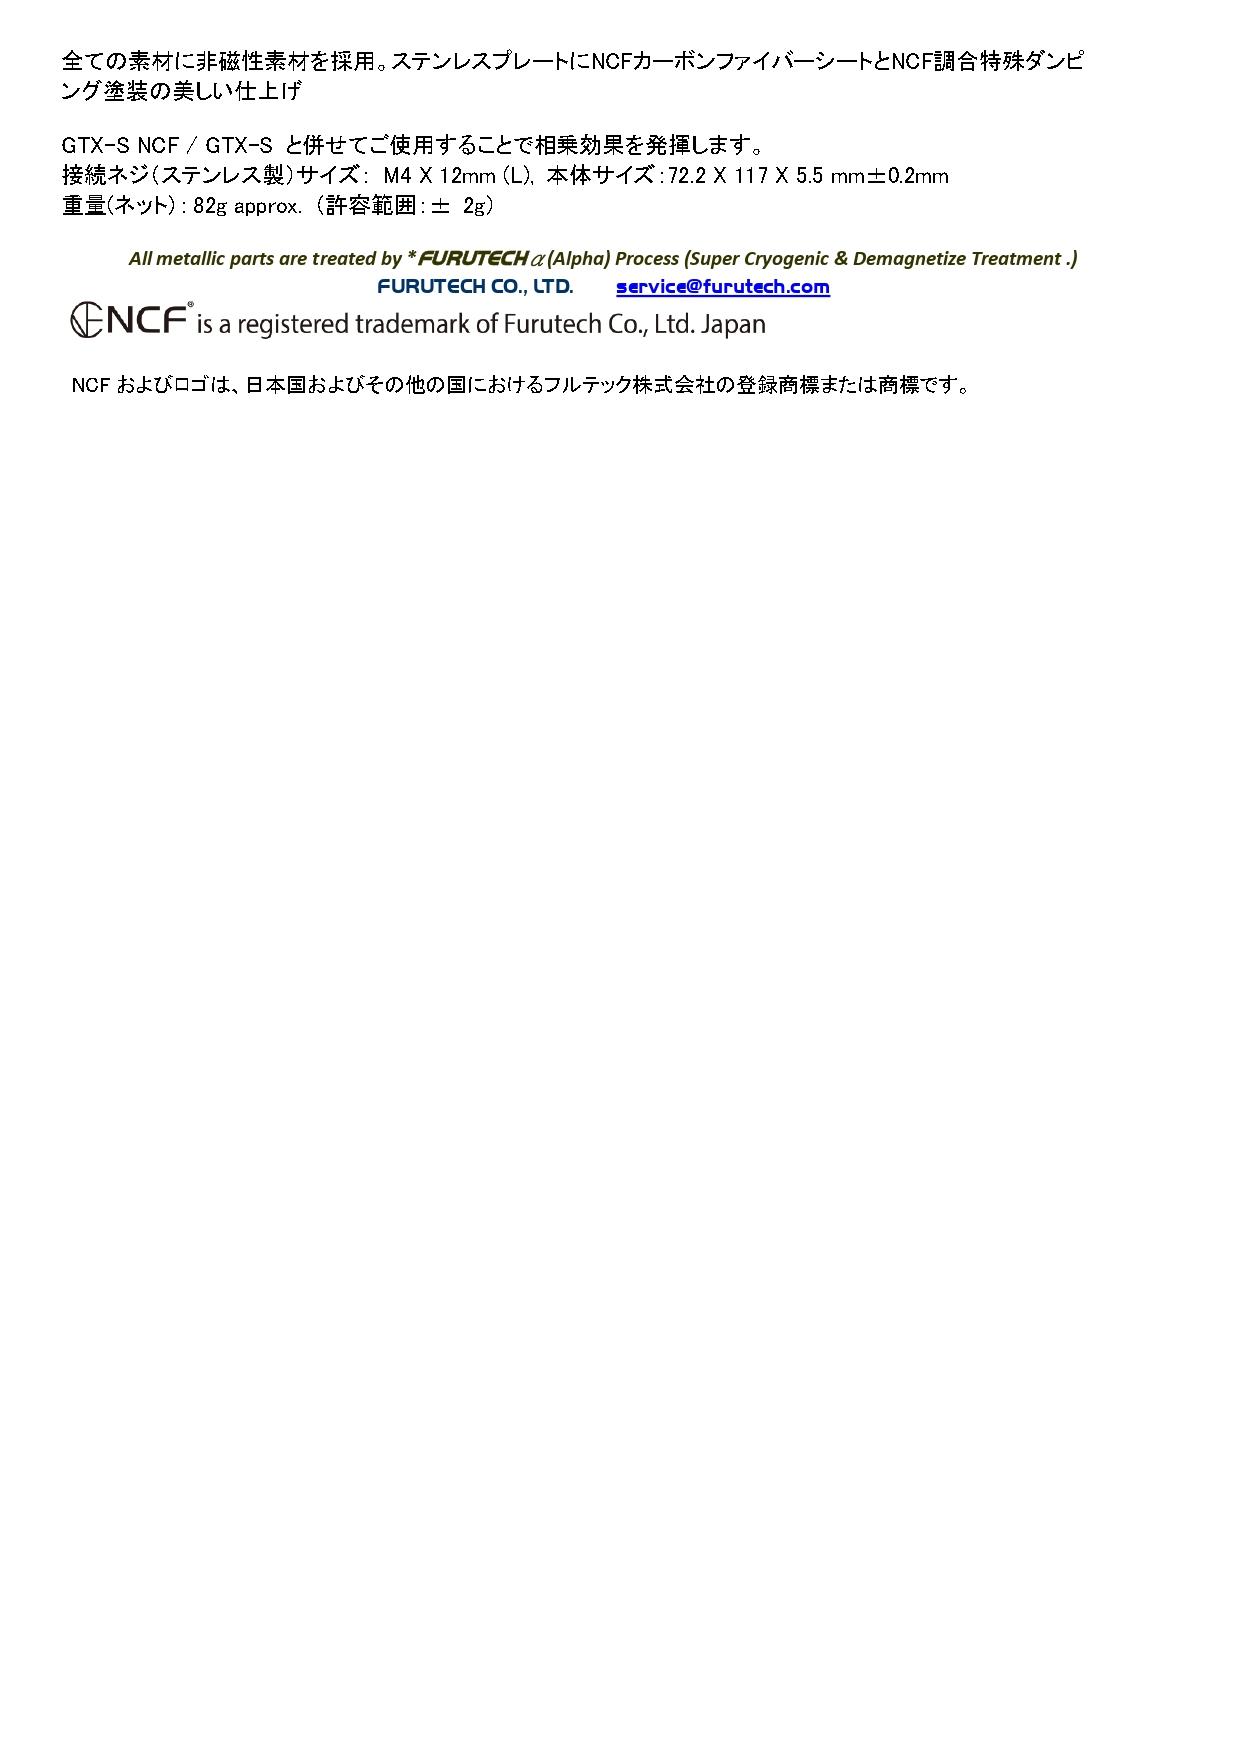 106-S NCF (News)-JP_page-0002